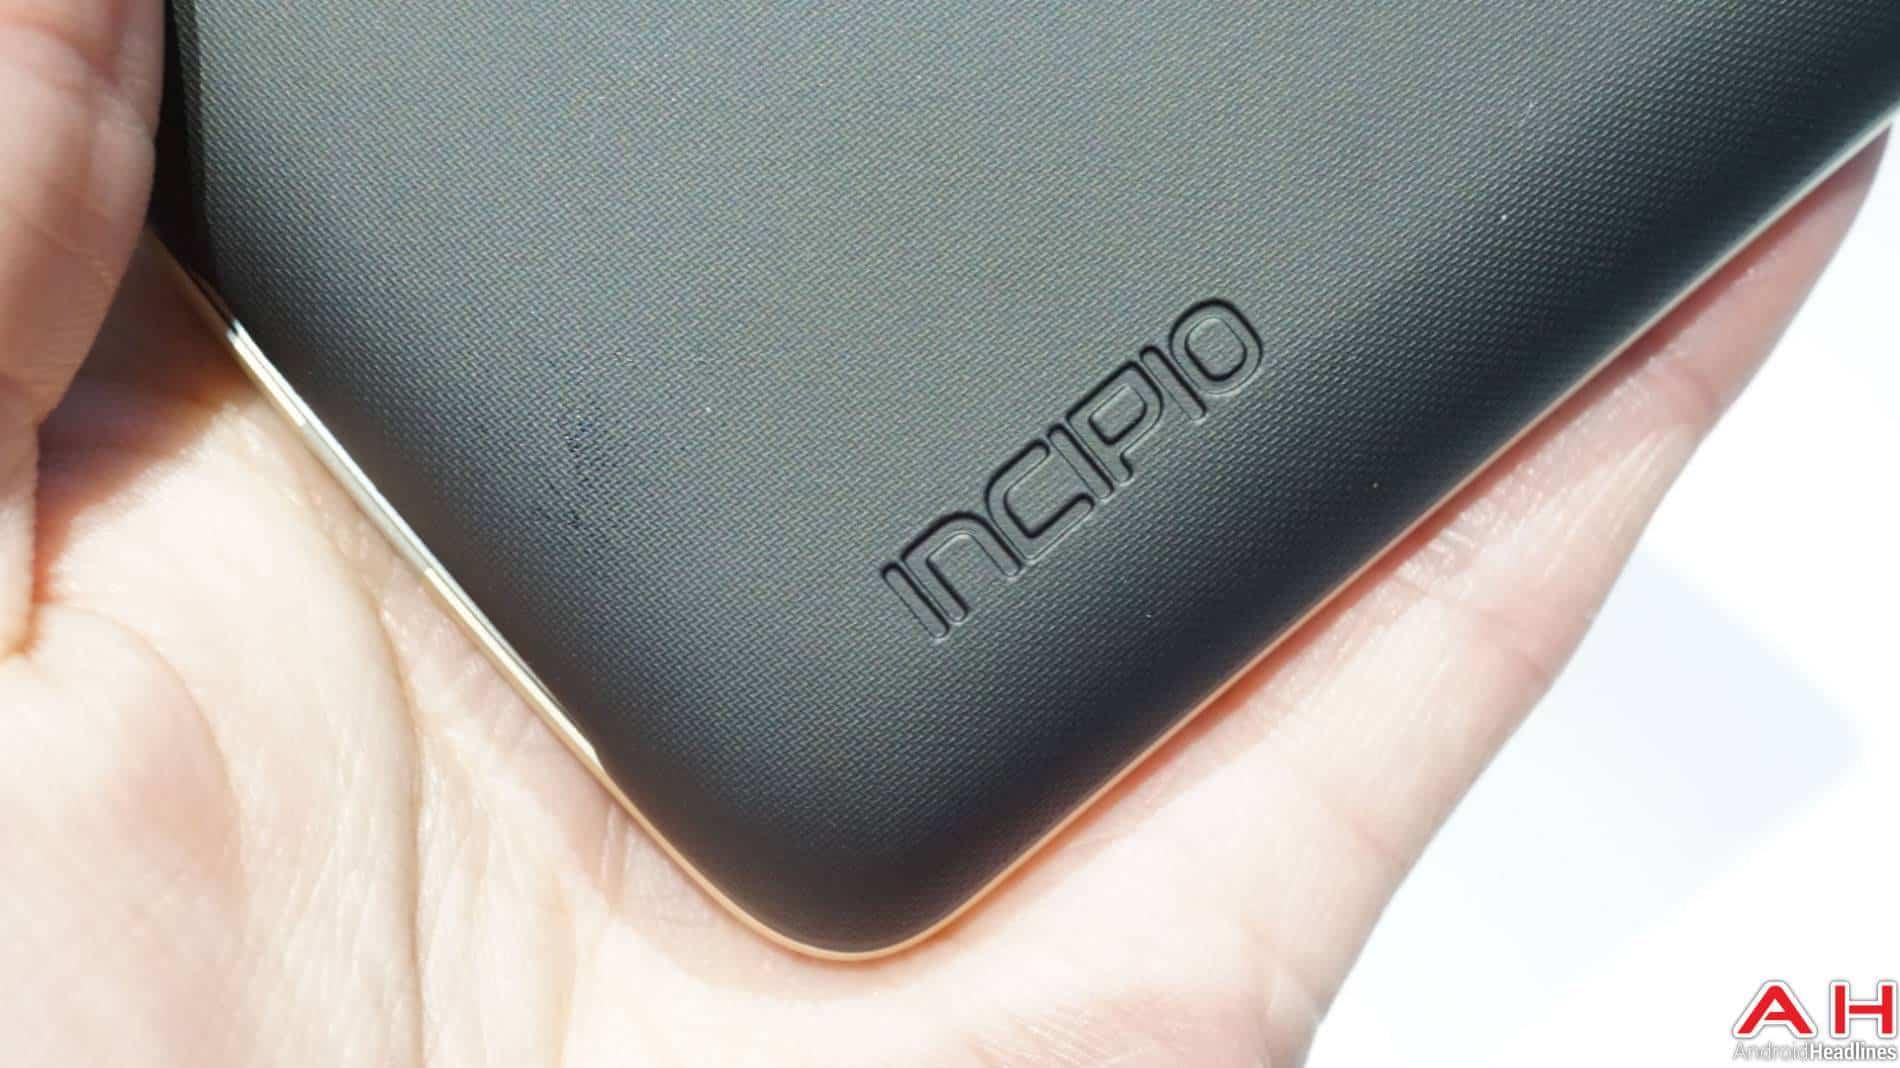 Incipio Moto Mods Lenovo Hands On AH 5 5